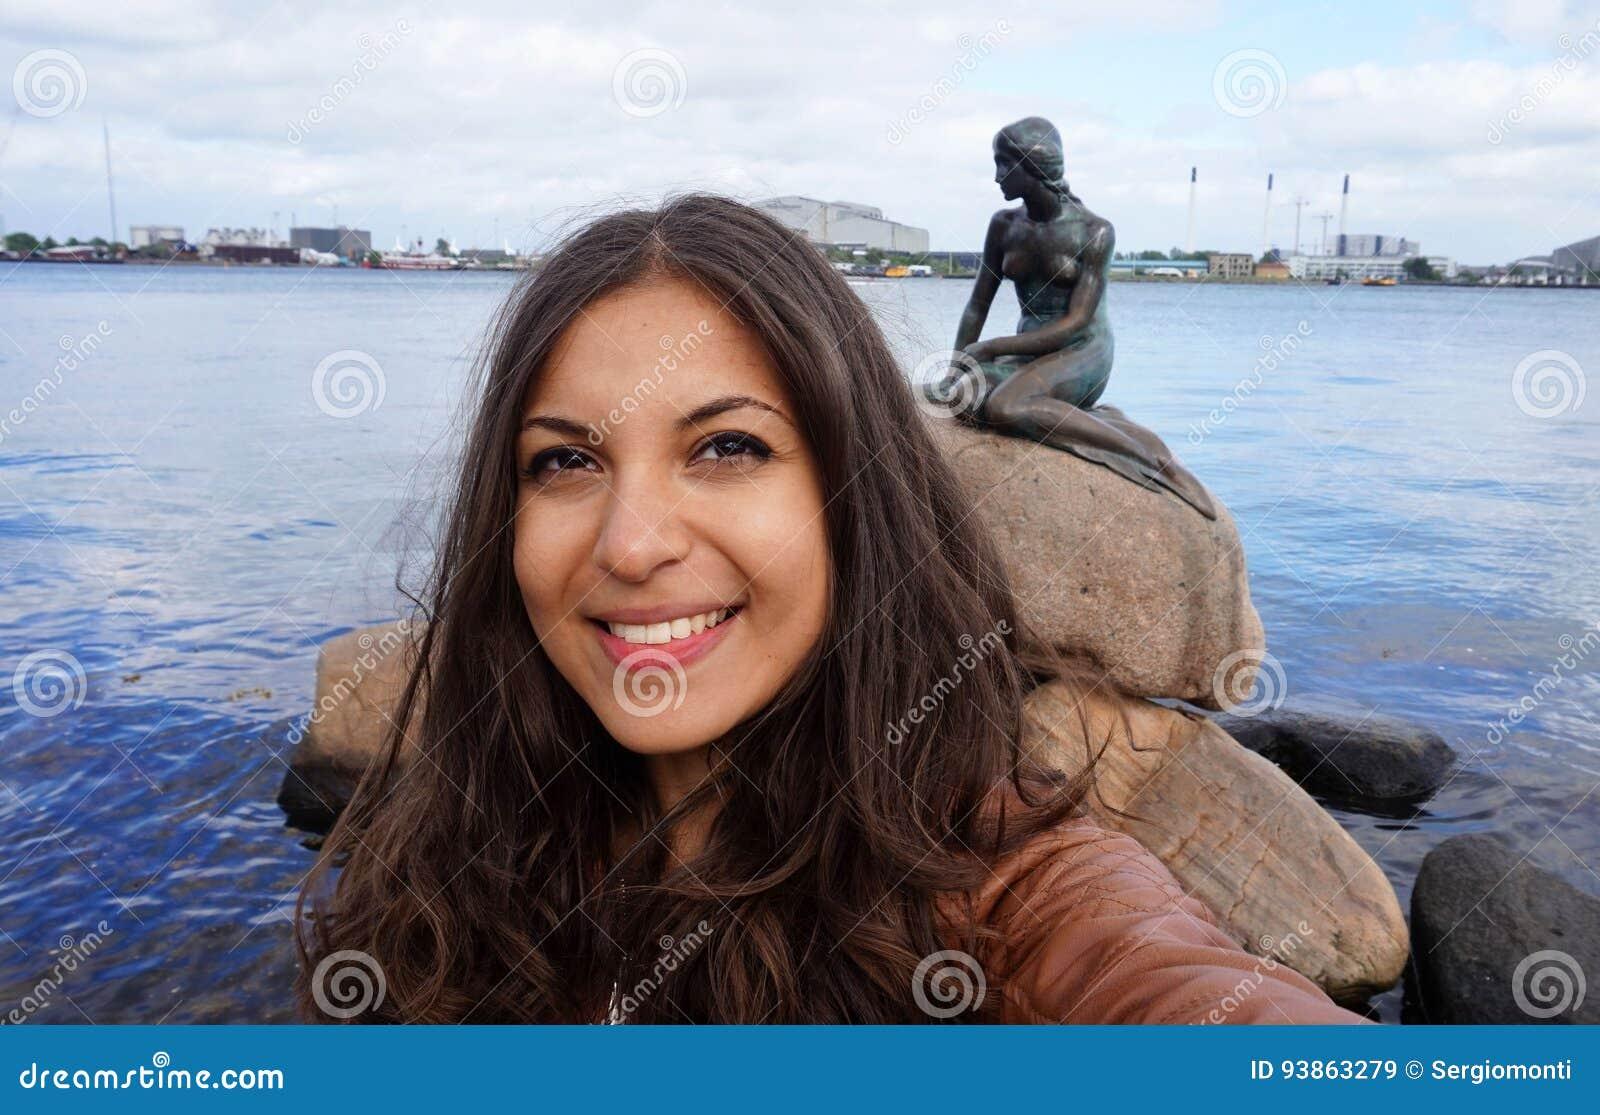 COPENHAGUE, DANEMARK - 31 MAI 2017 : fille de touristes prenant la photo de selfie avec la statue en bronze de la petite sirène